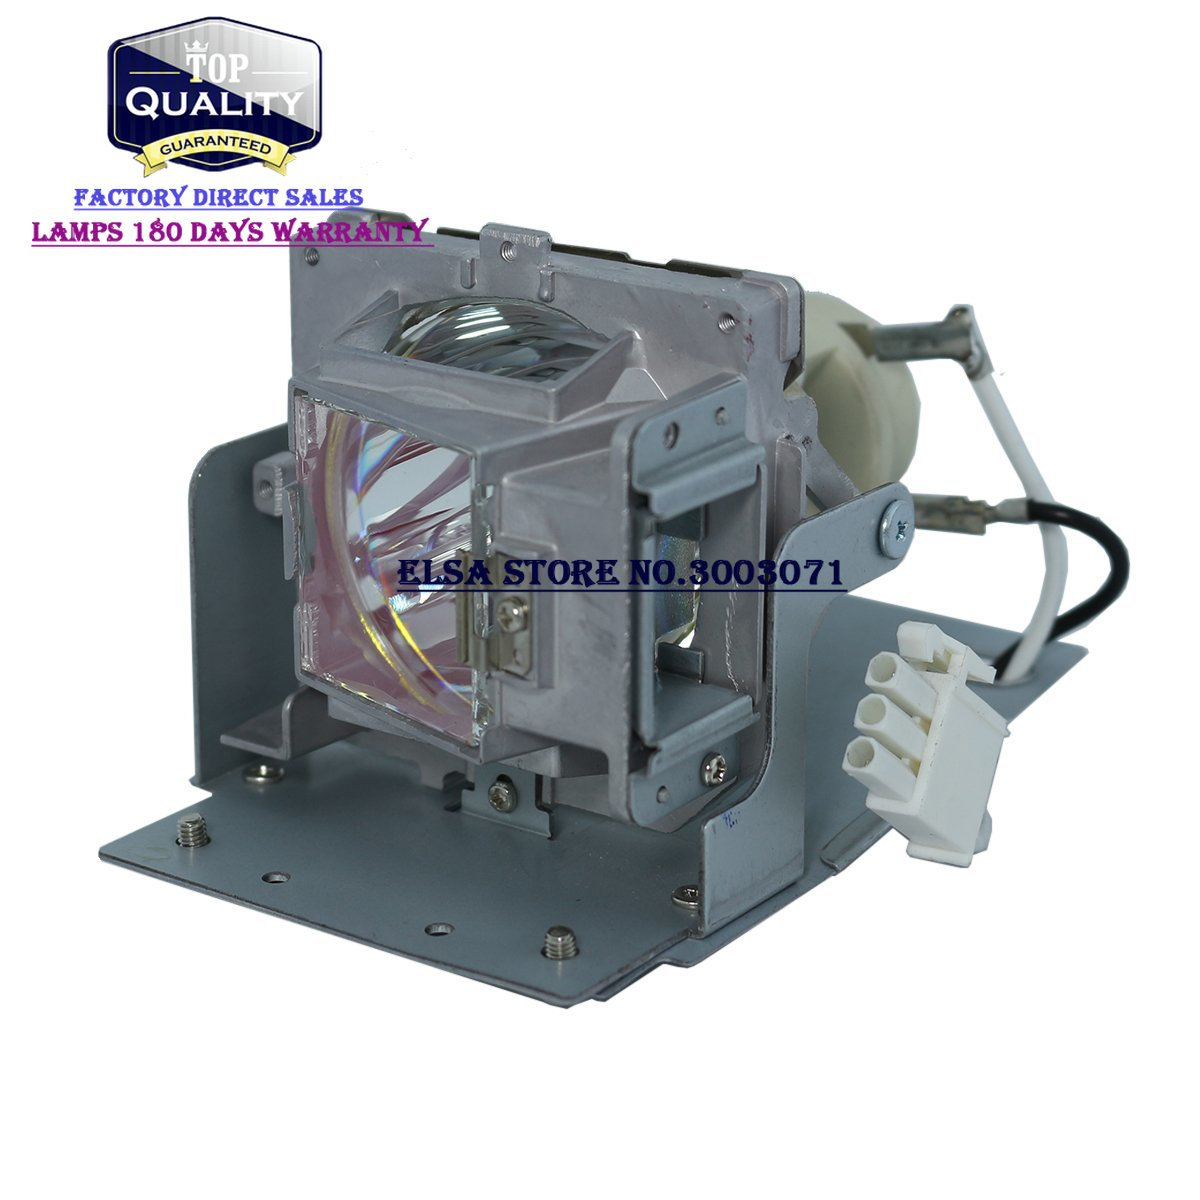 5811118154-SVV Projector Lamp For Vivitek D551 D552 D554 D555 D556 D557W D555WH DH558 H1060 Bulb P-VIP 190 E20.8